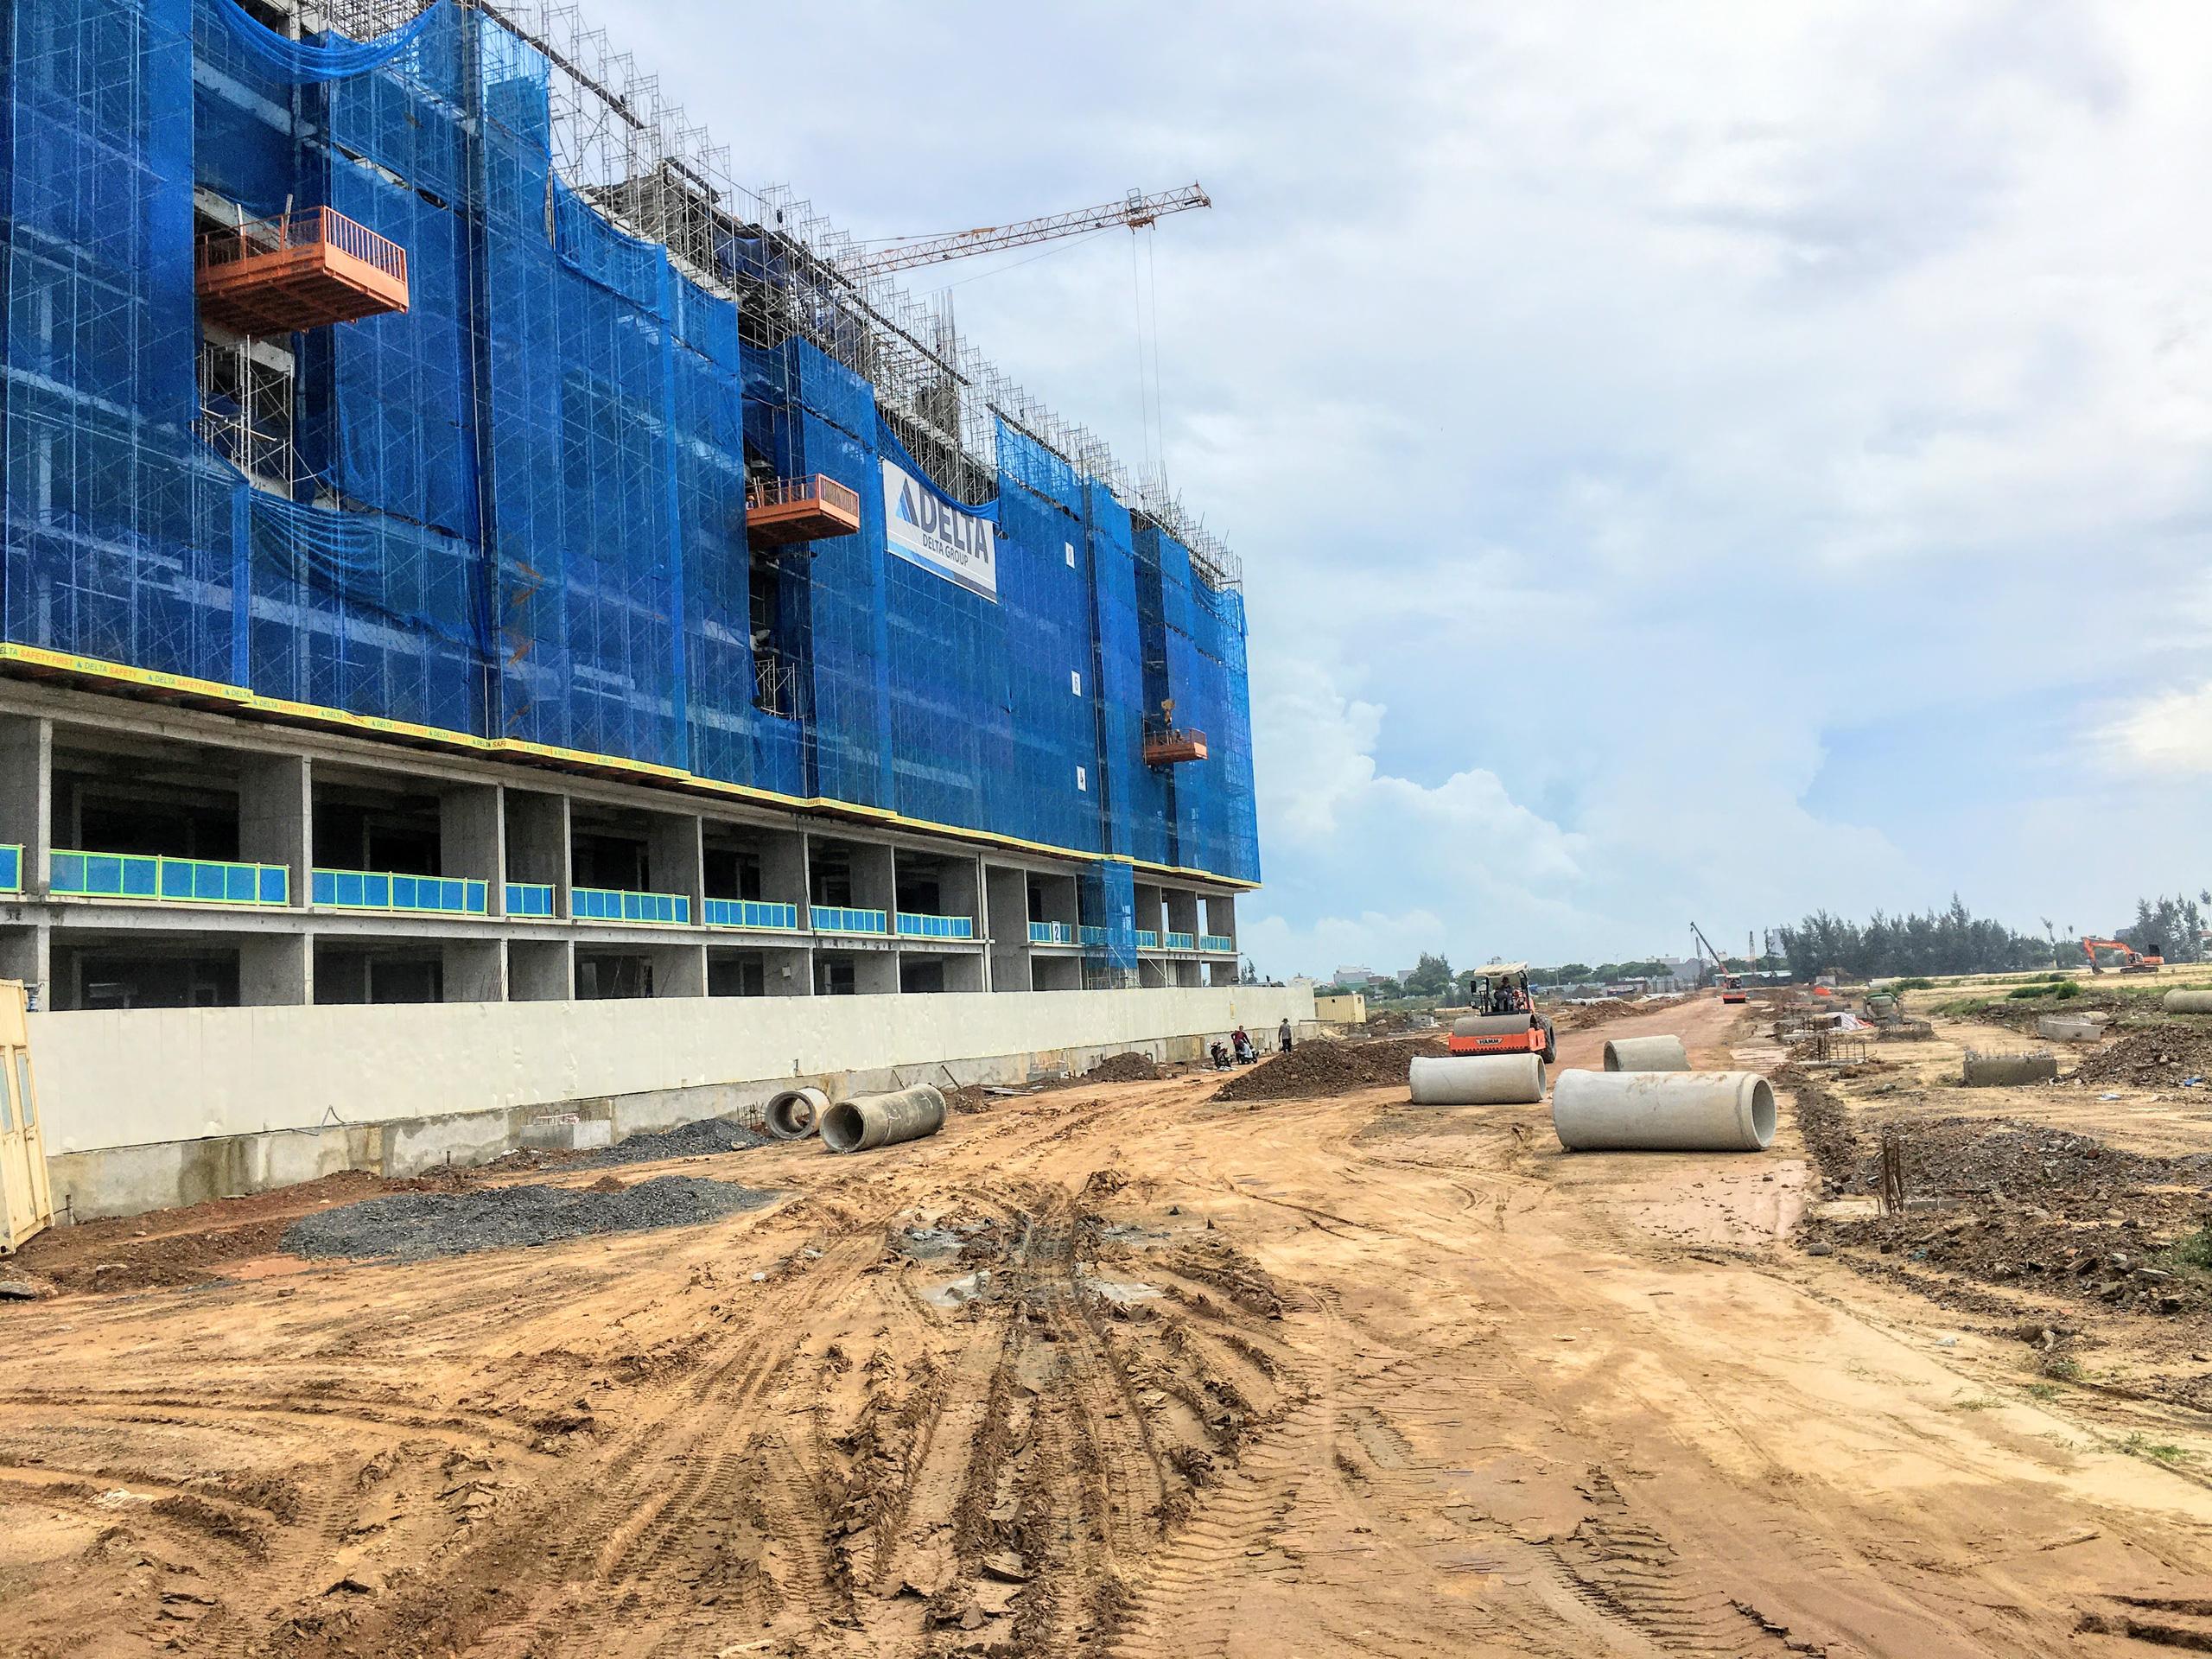 Phía nam Đà Nẵng sắp có tòa chung cư 700 căn, vốn đầu tư 1.000 tỷ đồng - Ảnh 1.